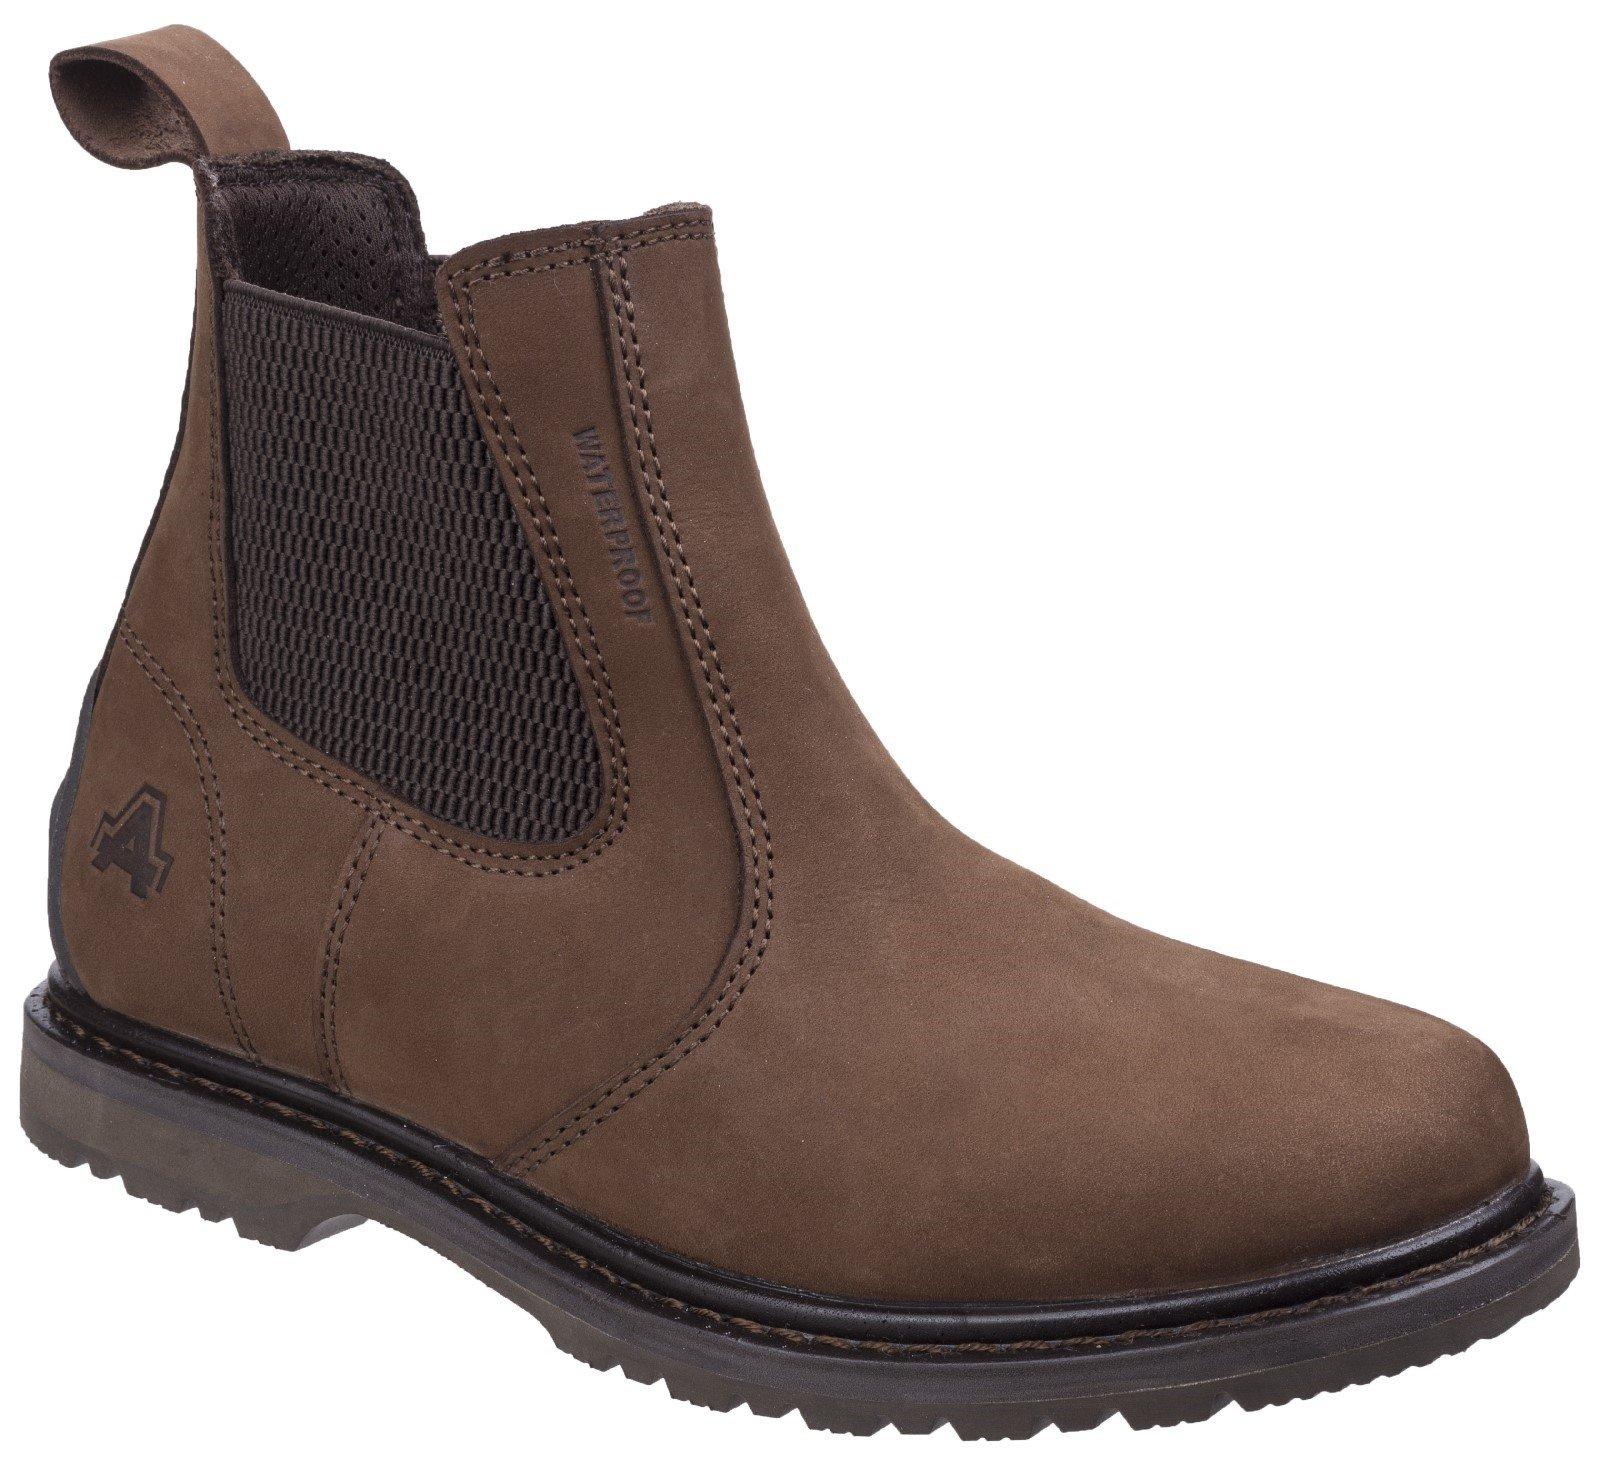 Amblers Men's Aldingham Dealer Boot Brown 27213 - Brown 4